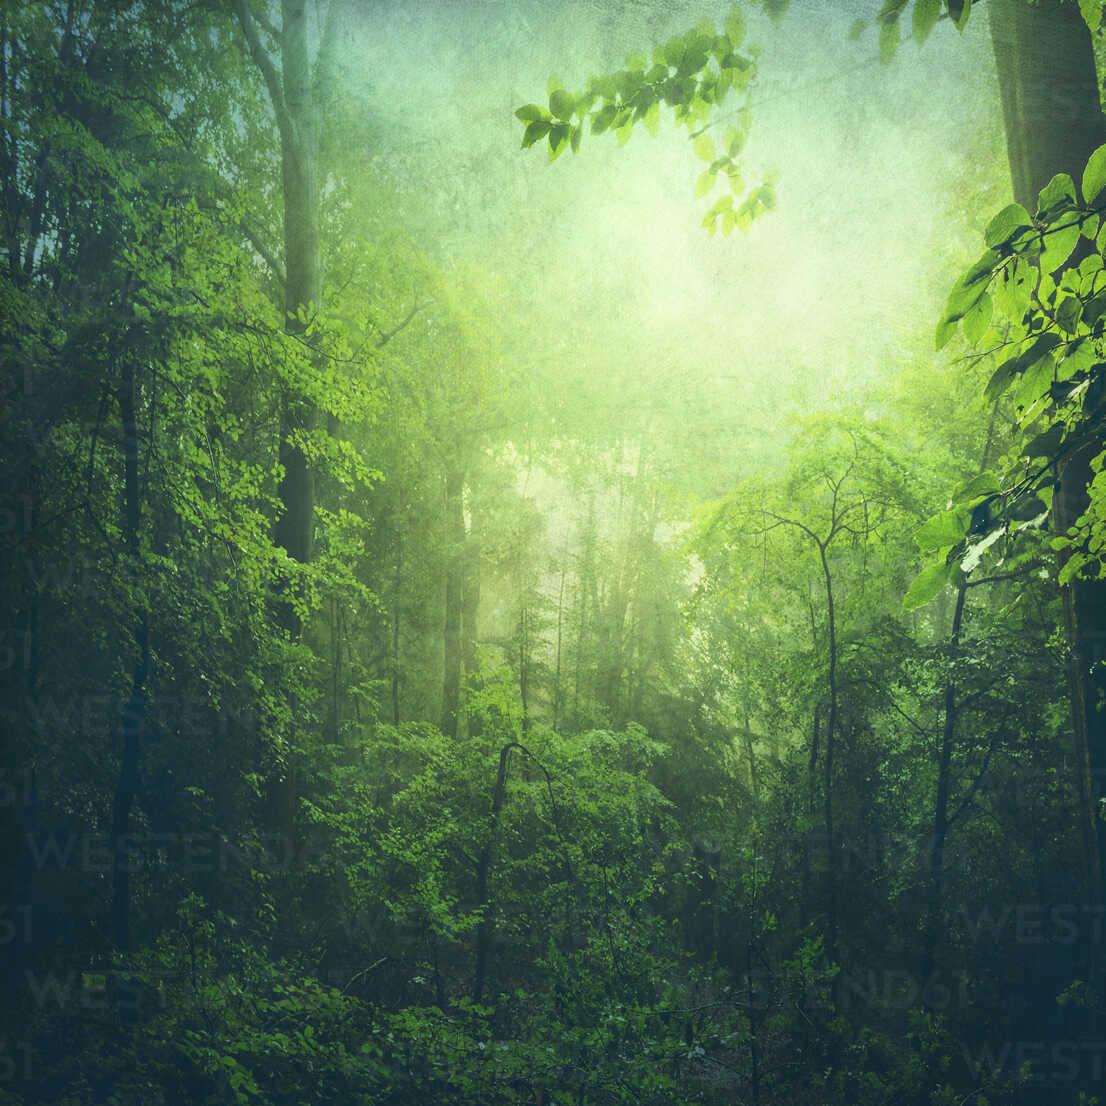 Deciduous forest in summer, early-morning haze - DWIF000768 - Dirk Wüstenhagen/Westend61